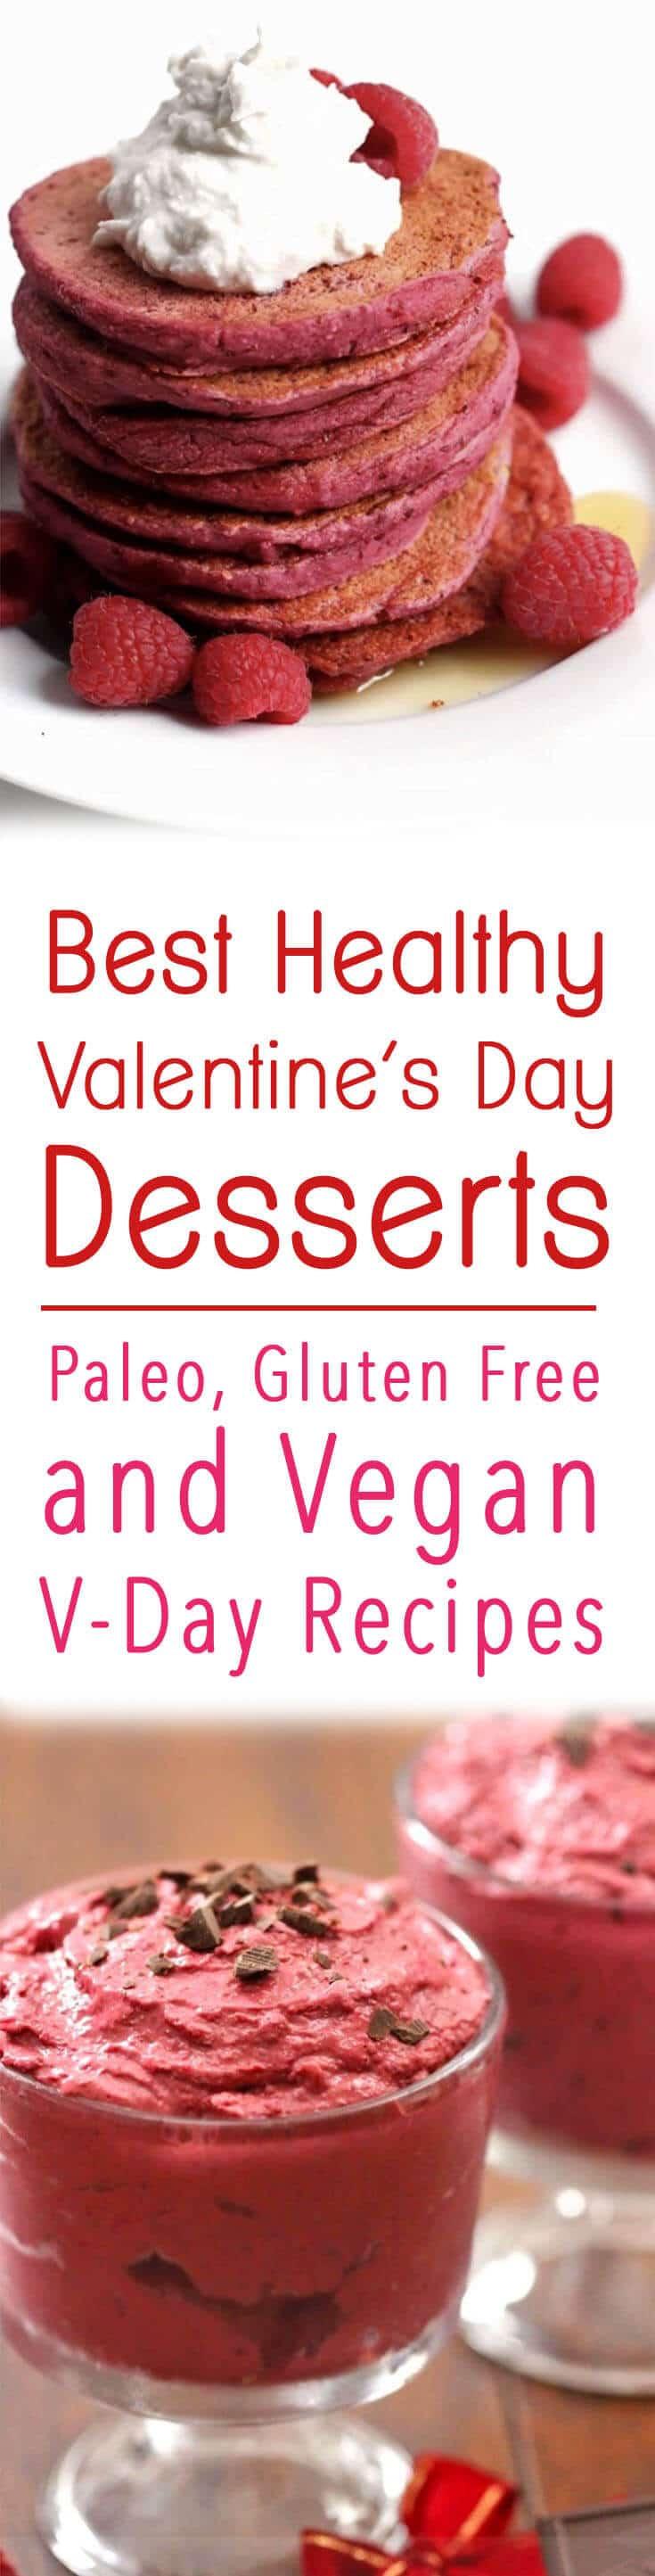 Healthy Valentine'S Day Desserts  35 Best Healthy Valentine's Day Desserts